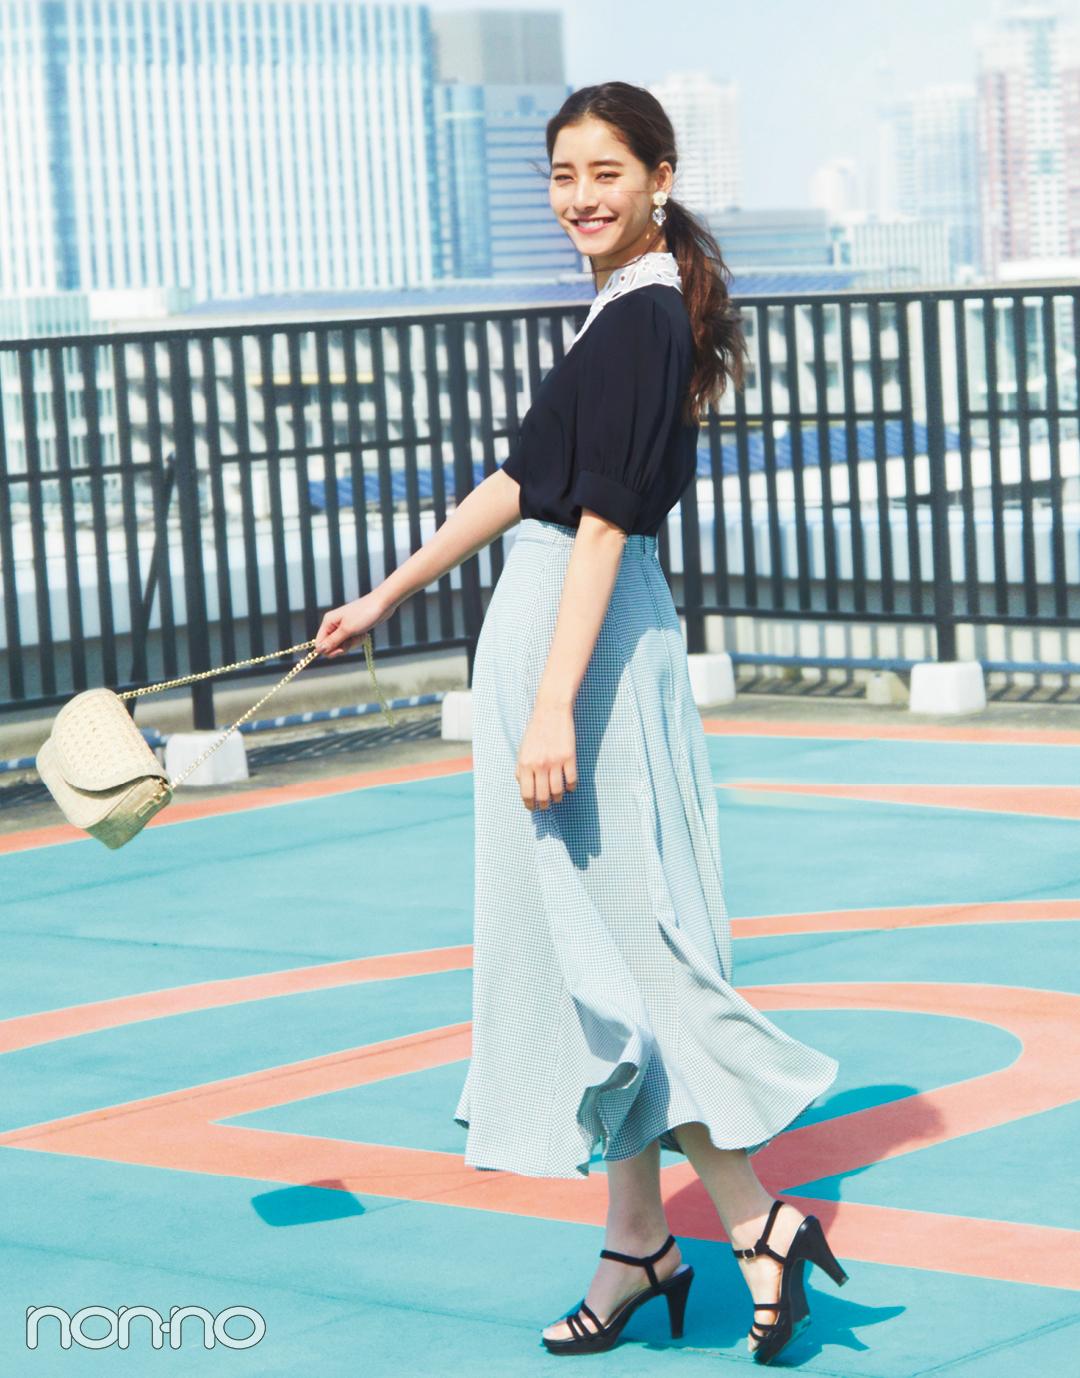 ef931110de9e5 スカートが主役のコーデだとつい白トップスを合わせがち。だけど大人可愛く着こなすなら濃い色が正解♡ スカートも際立つ!